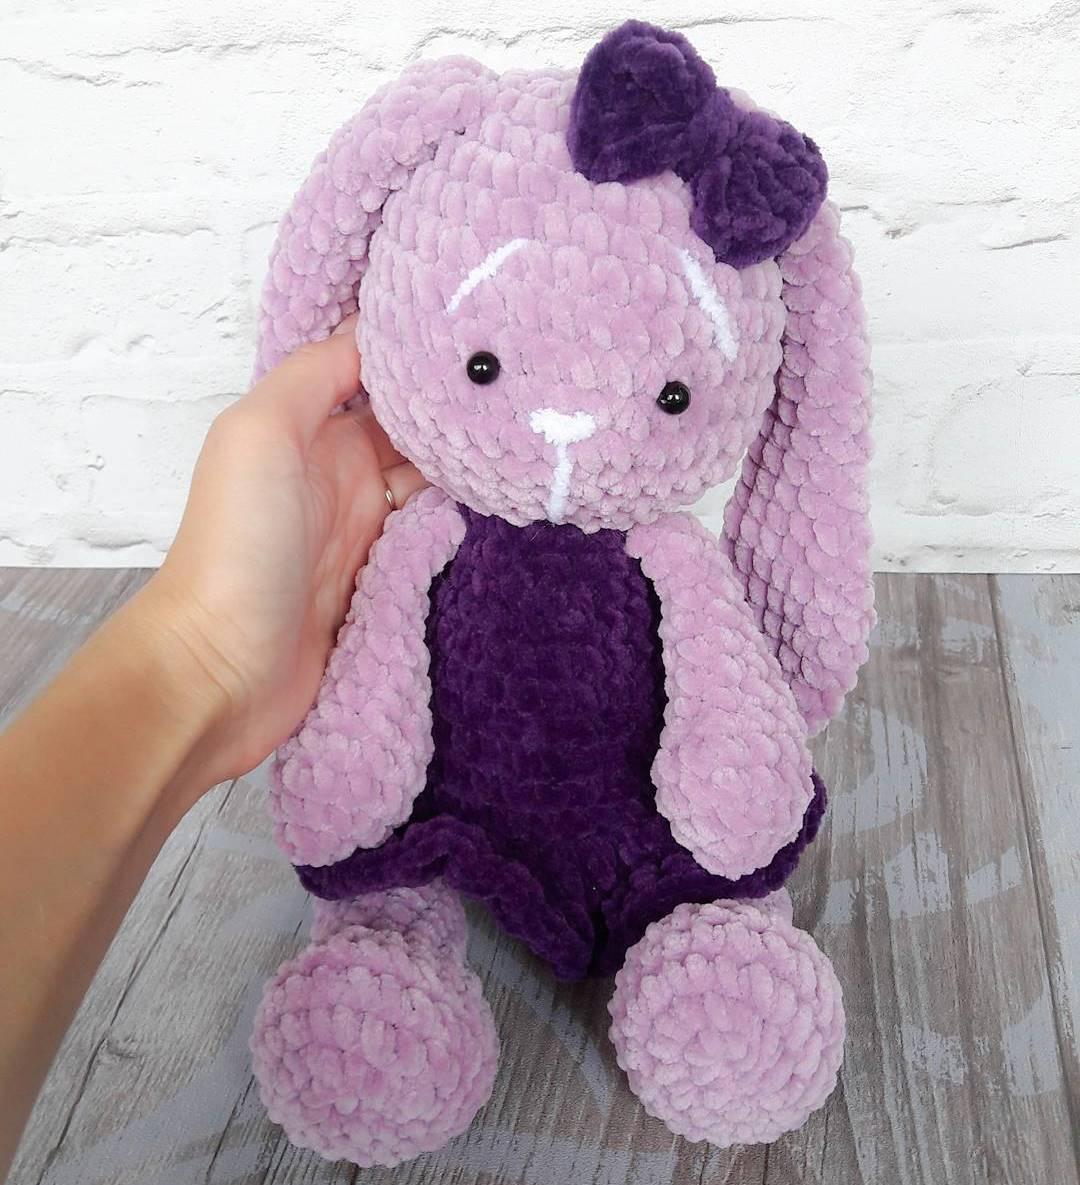 Sweet bunny amigurumi in dress pattern   Amiguroom Toys   1185x1080